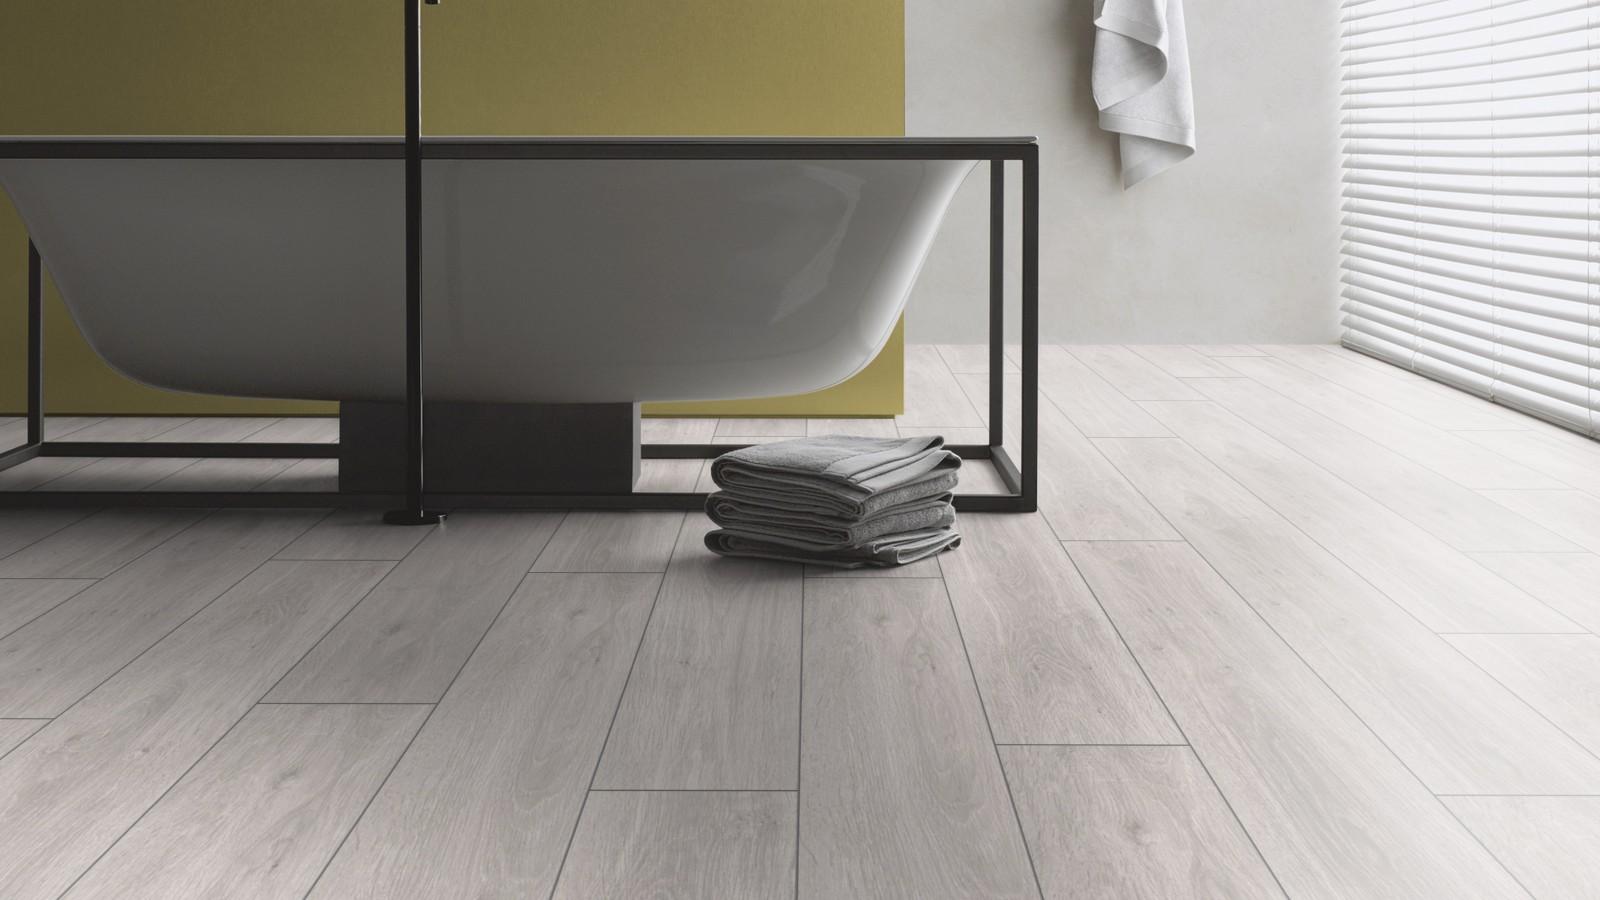 Ter h rne oak pastel white laminate long plank wood4floors - White laminate flooring for bathroom ...